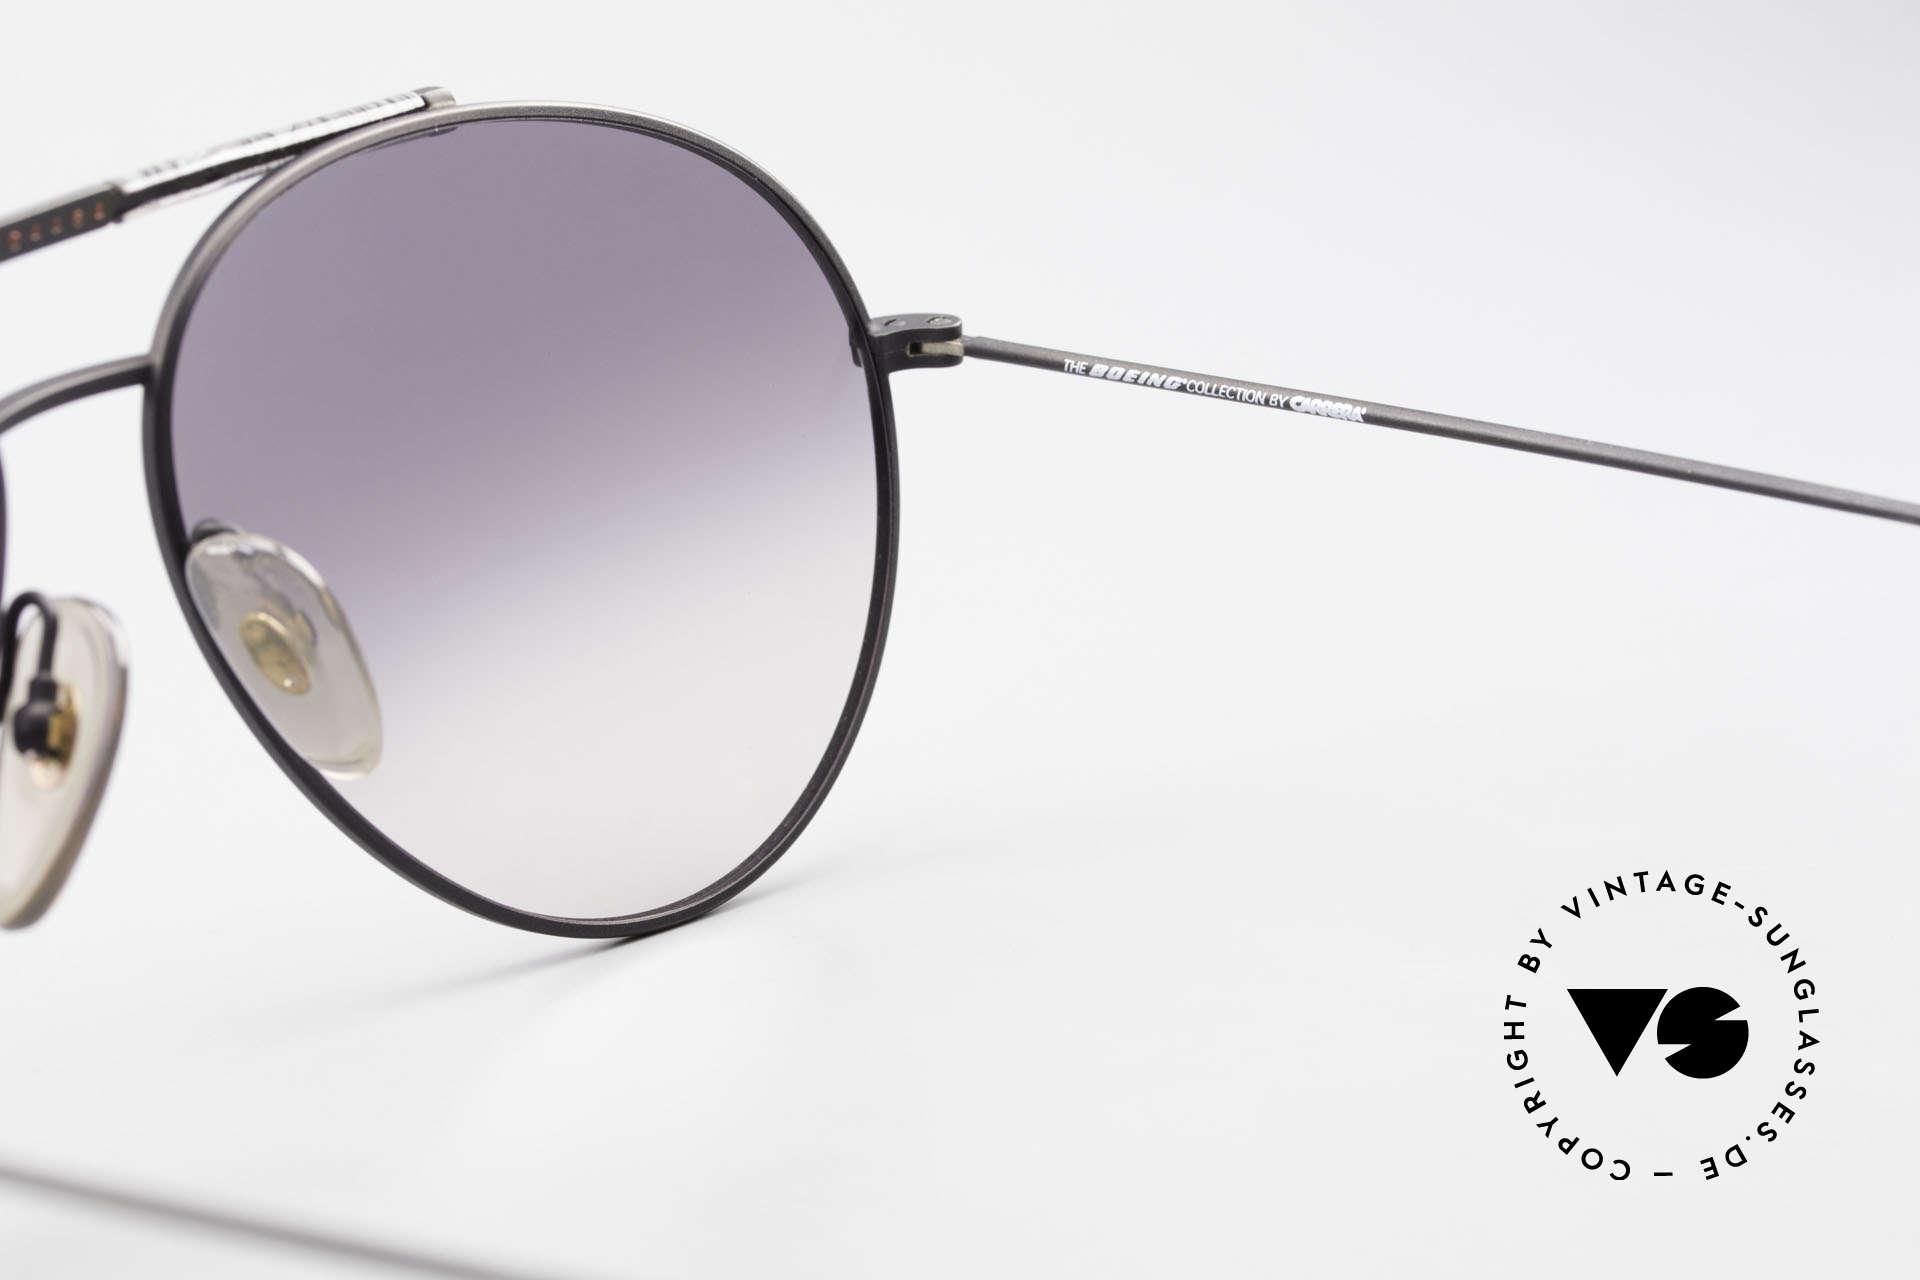 Boeing 5706 80er Aviator Sonnenbrille XL, KEINE Retro-Sonnenbrille; ein kostbares ORIGINAL, Passend für Herren